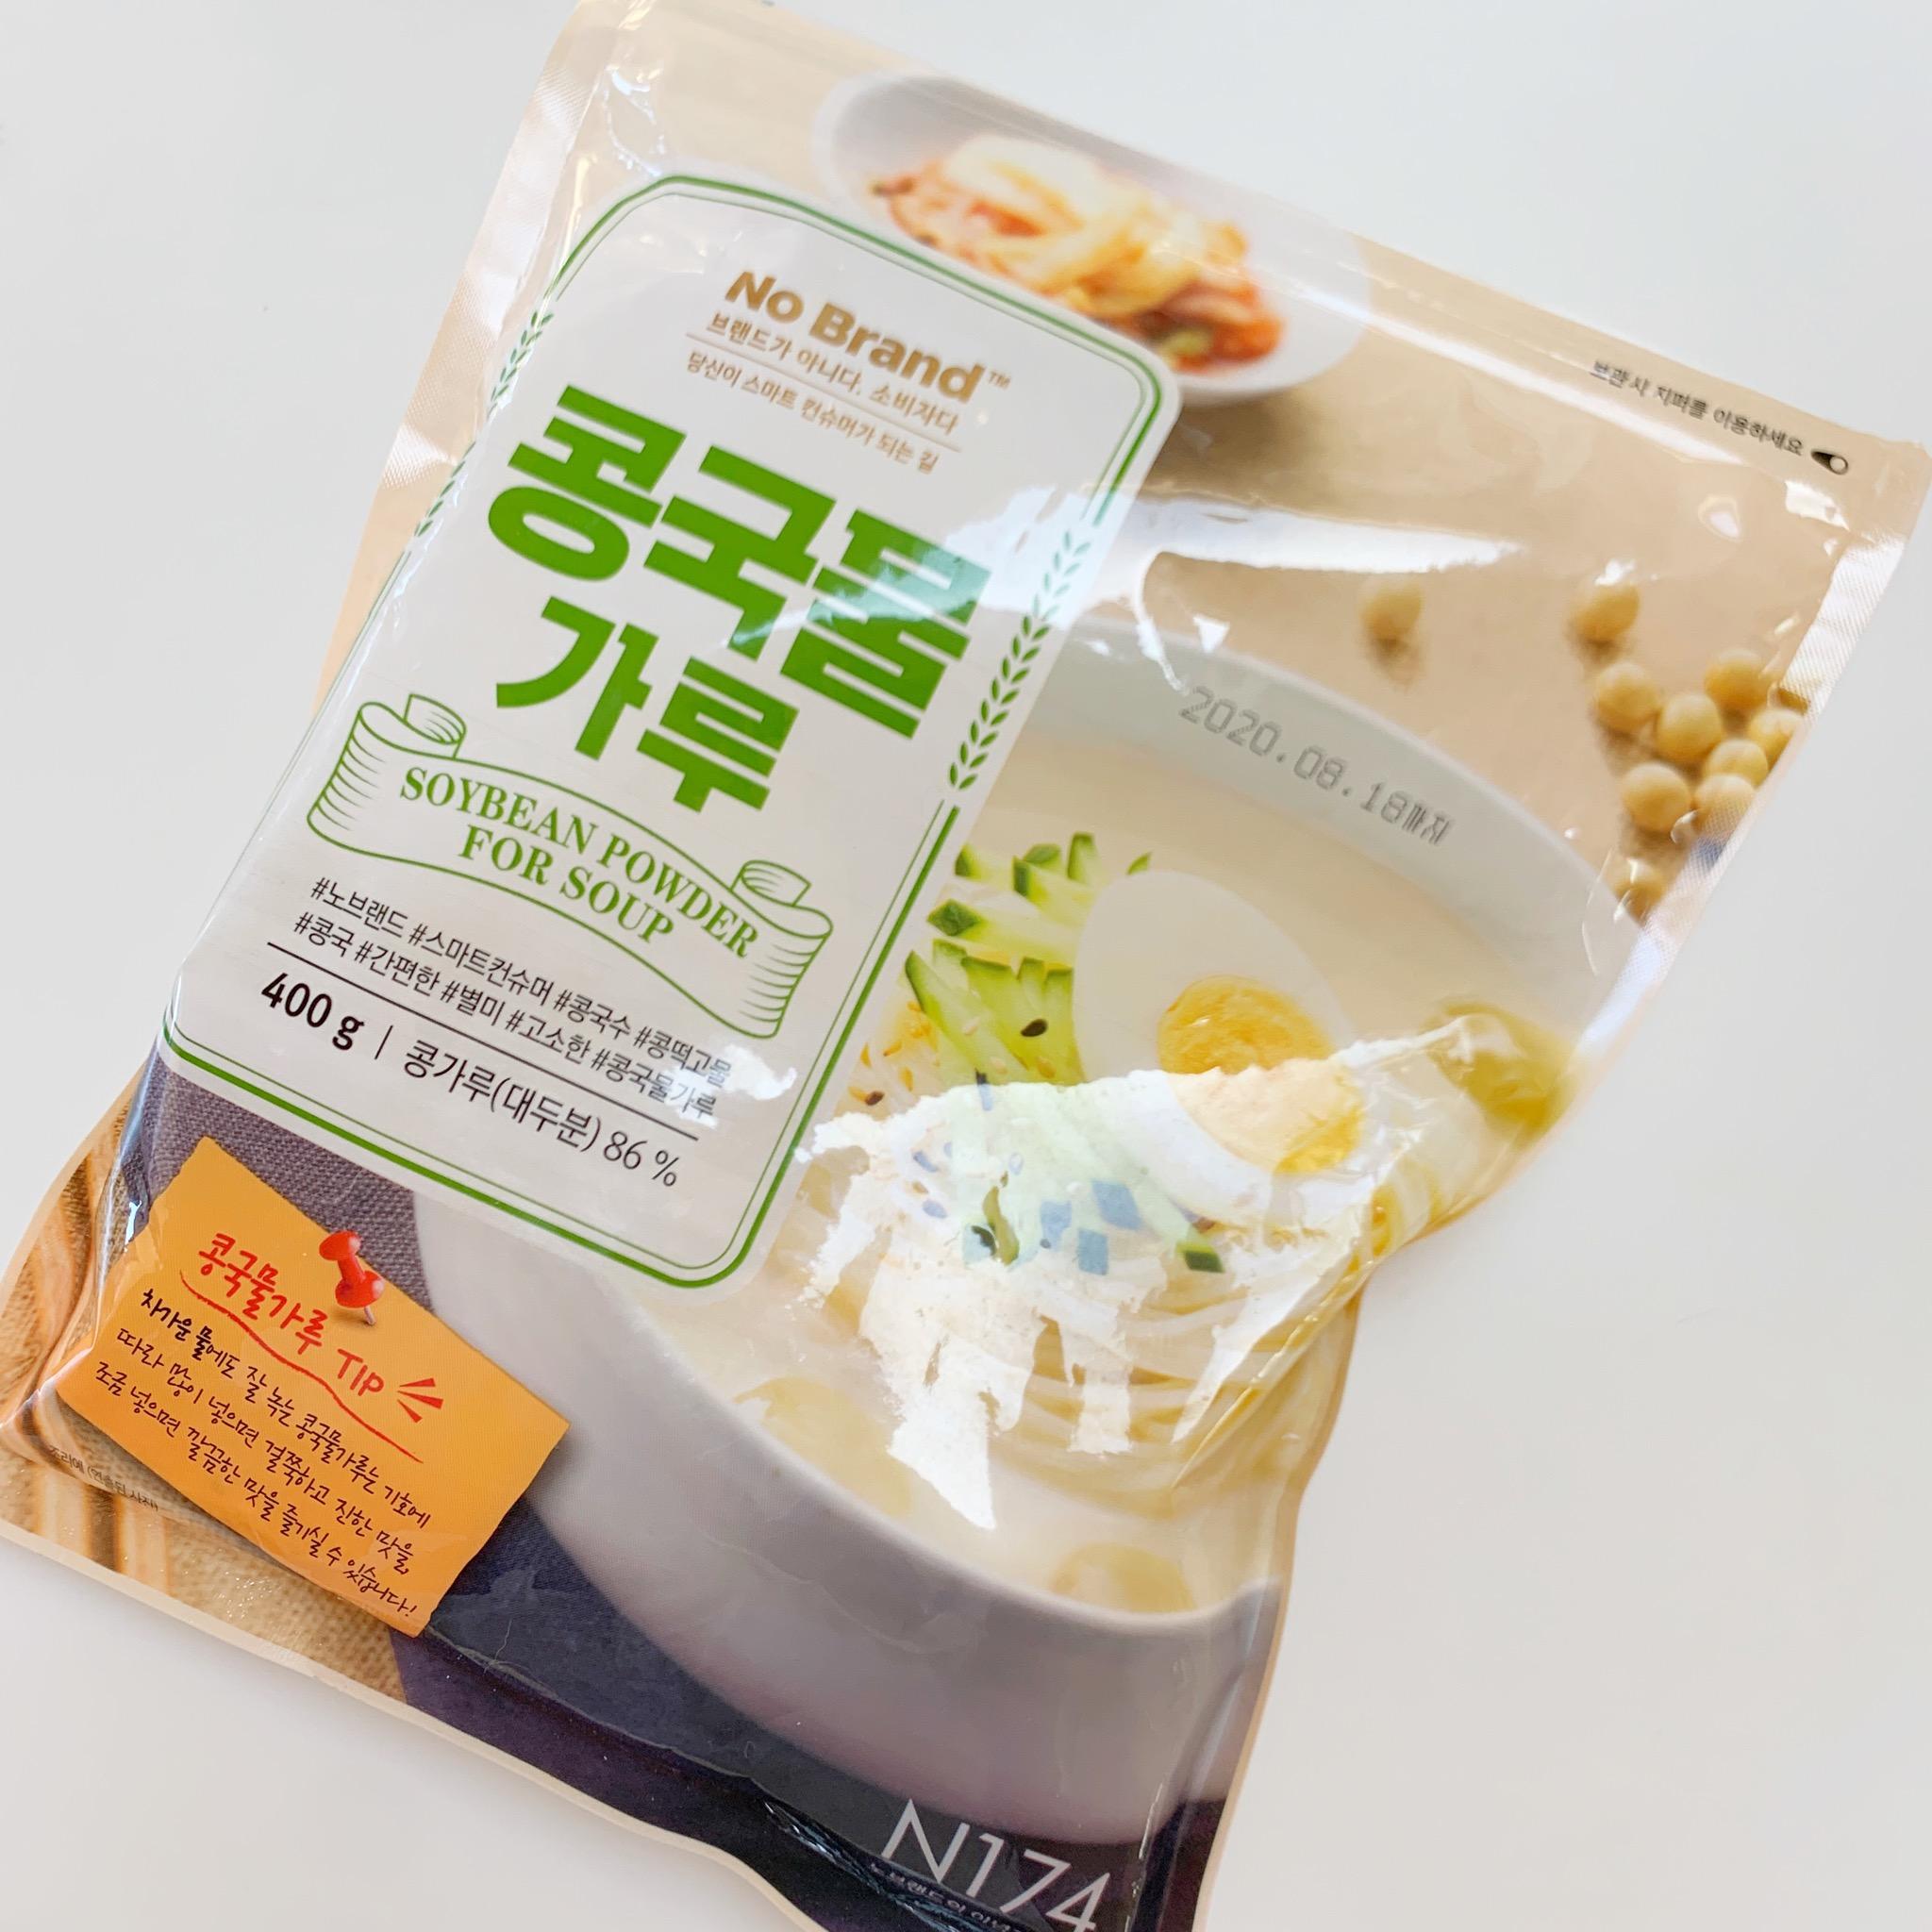 韓国NO BRANDで買ったコングクスミックス